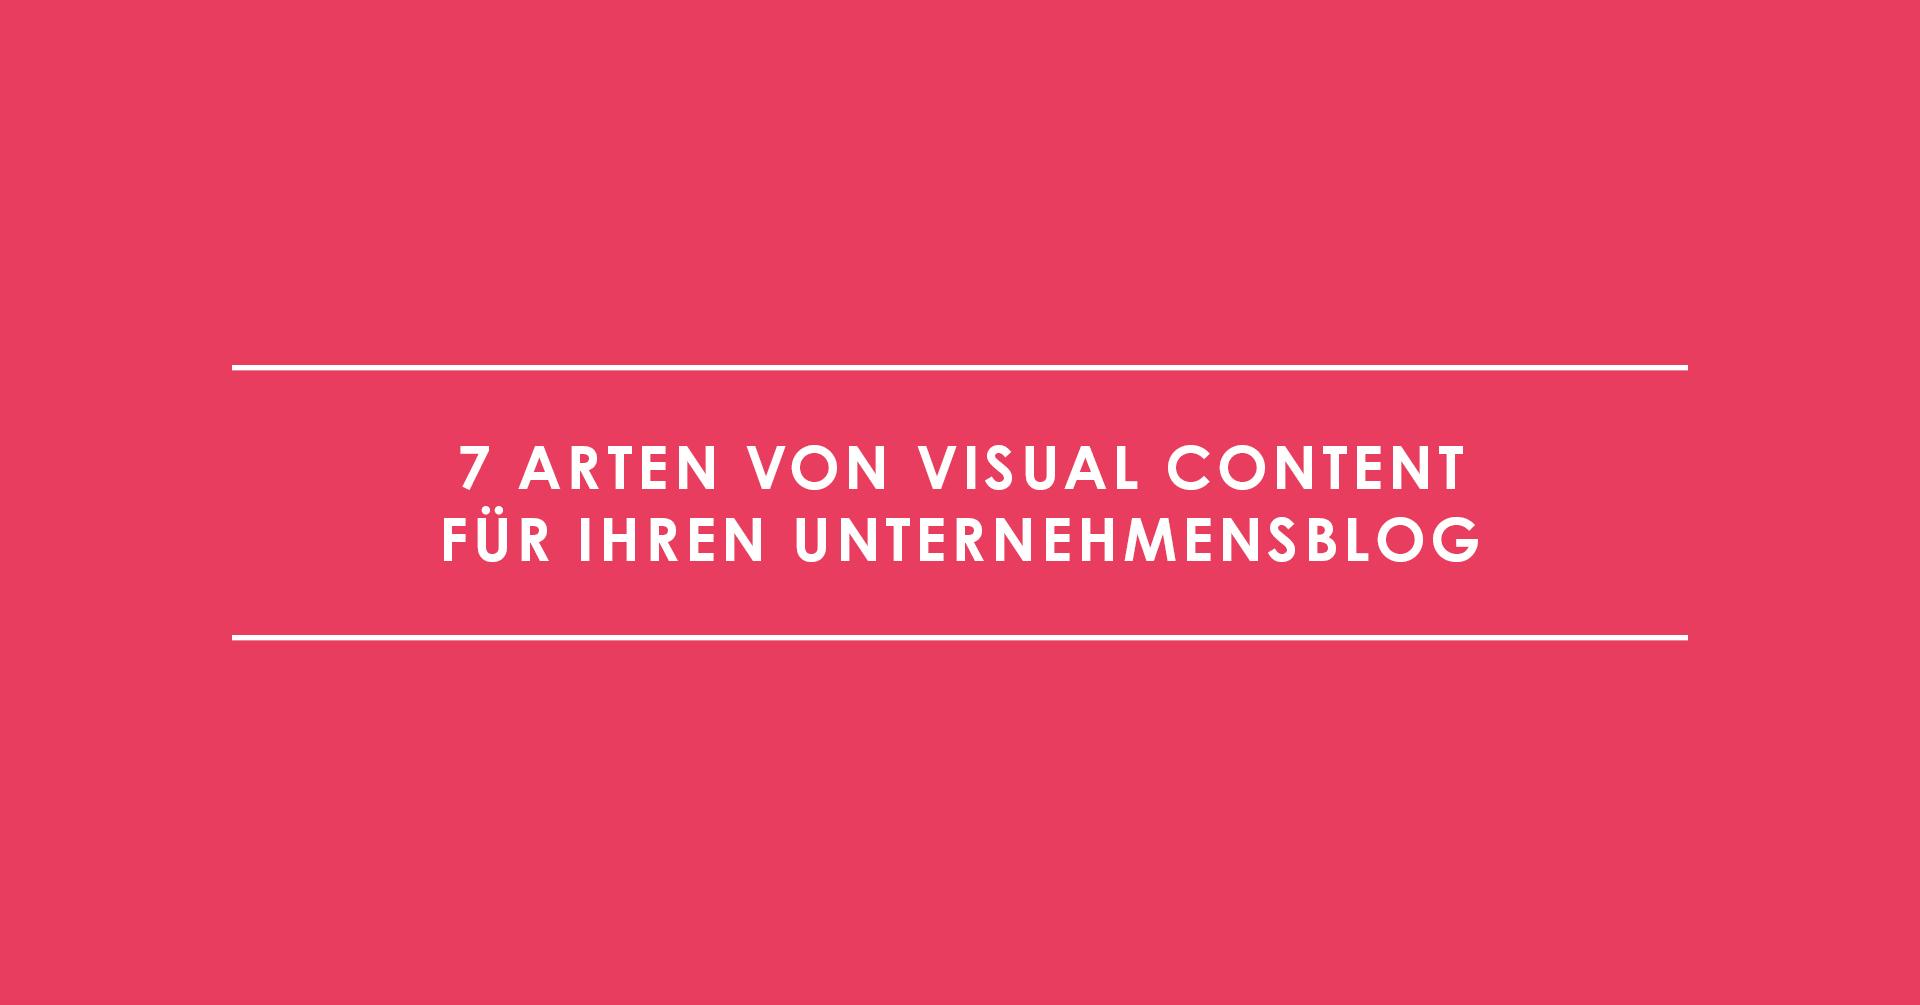 7 Arten von Visual Content für Ihren Unternehmensblog